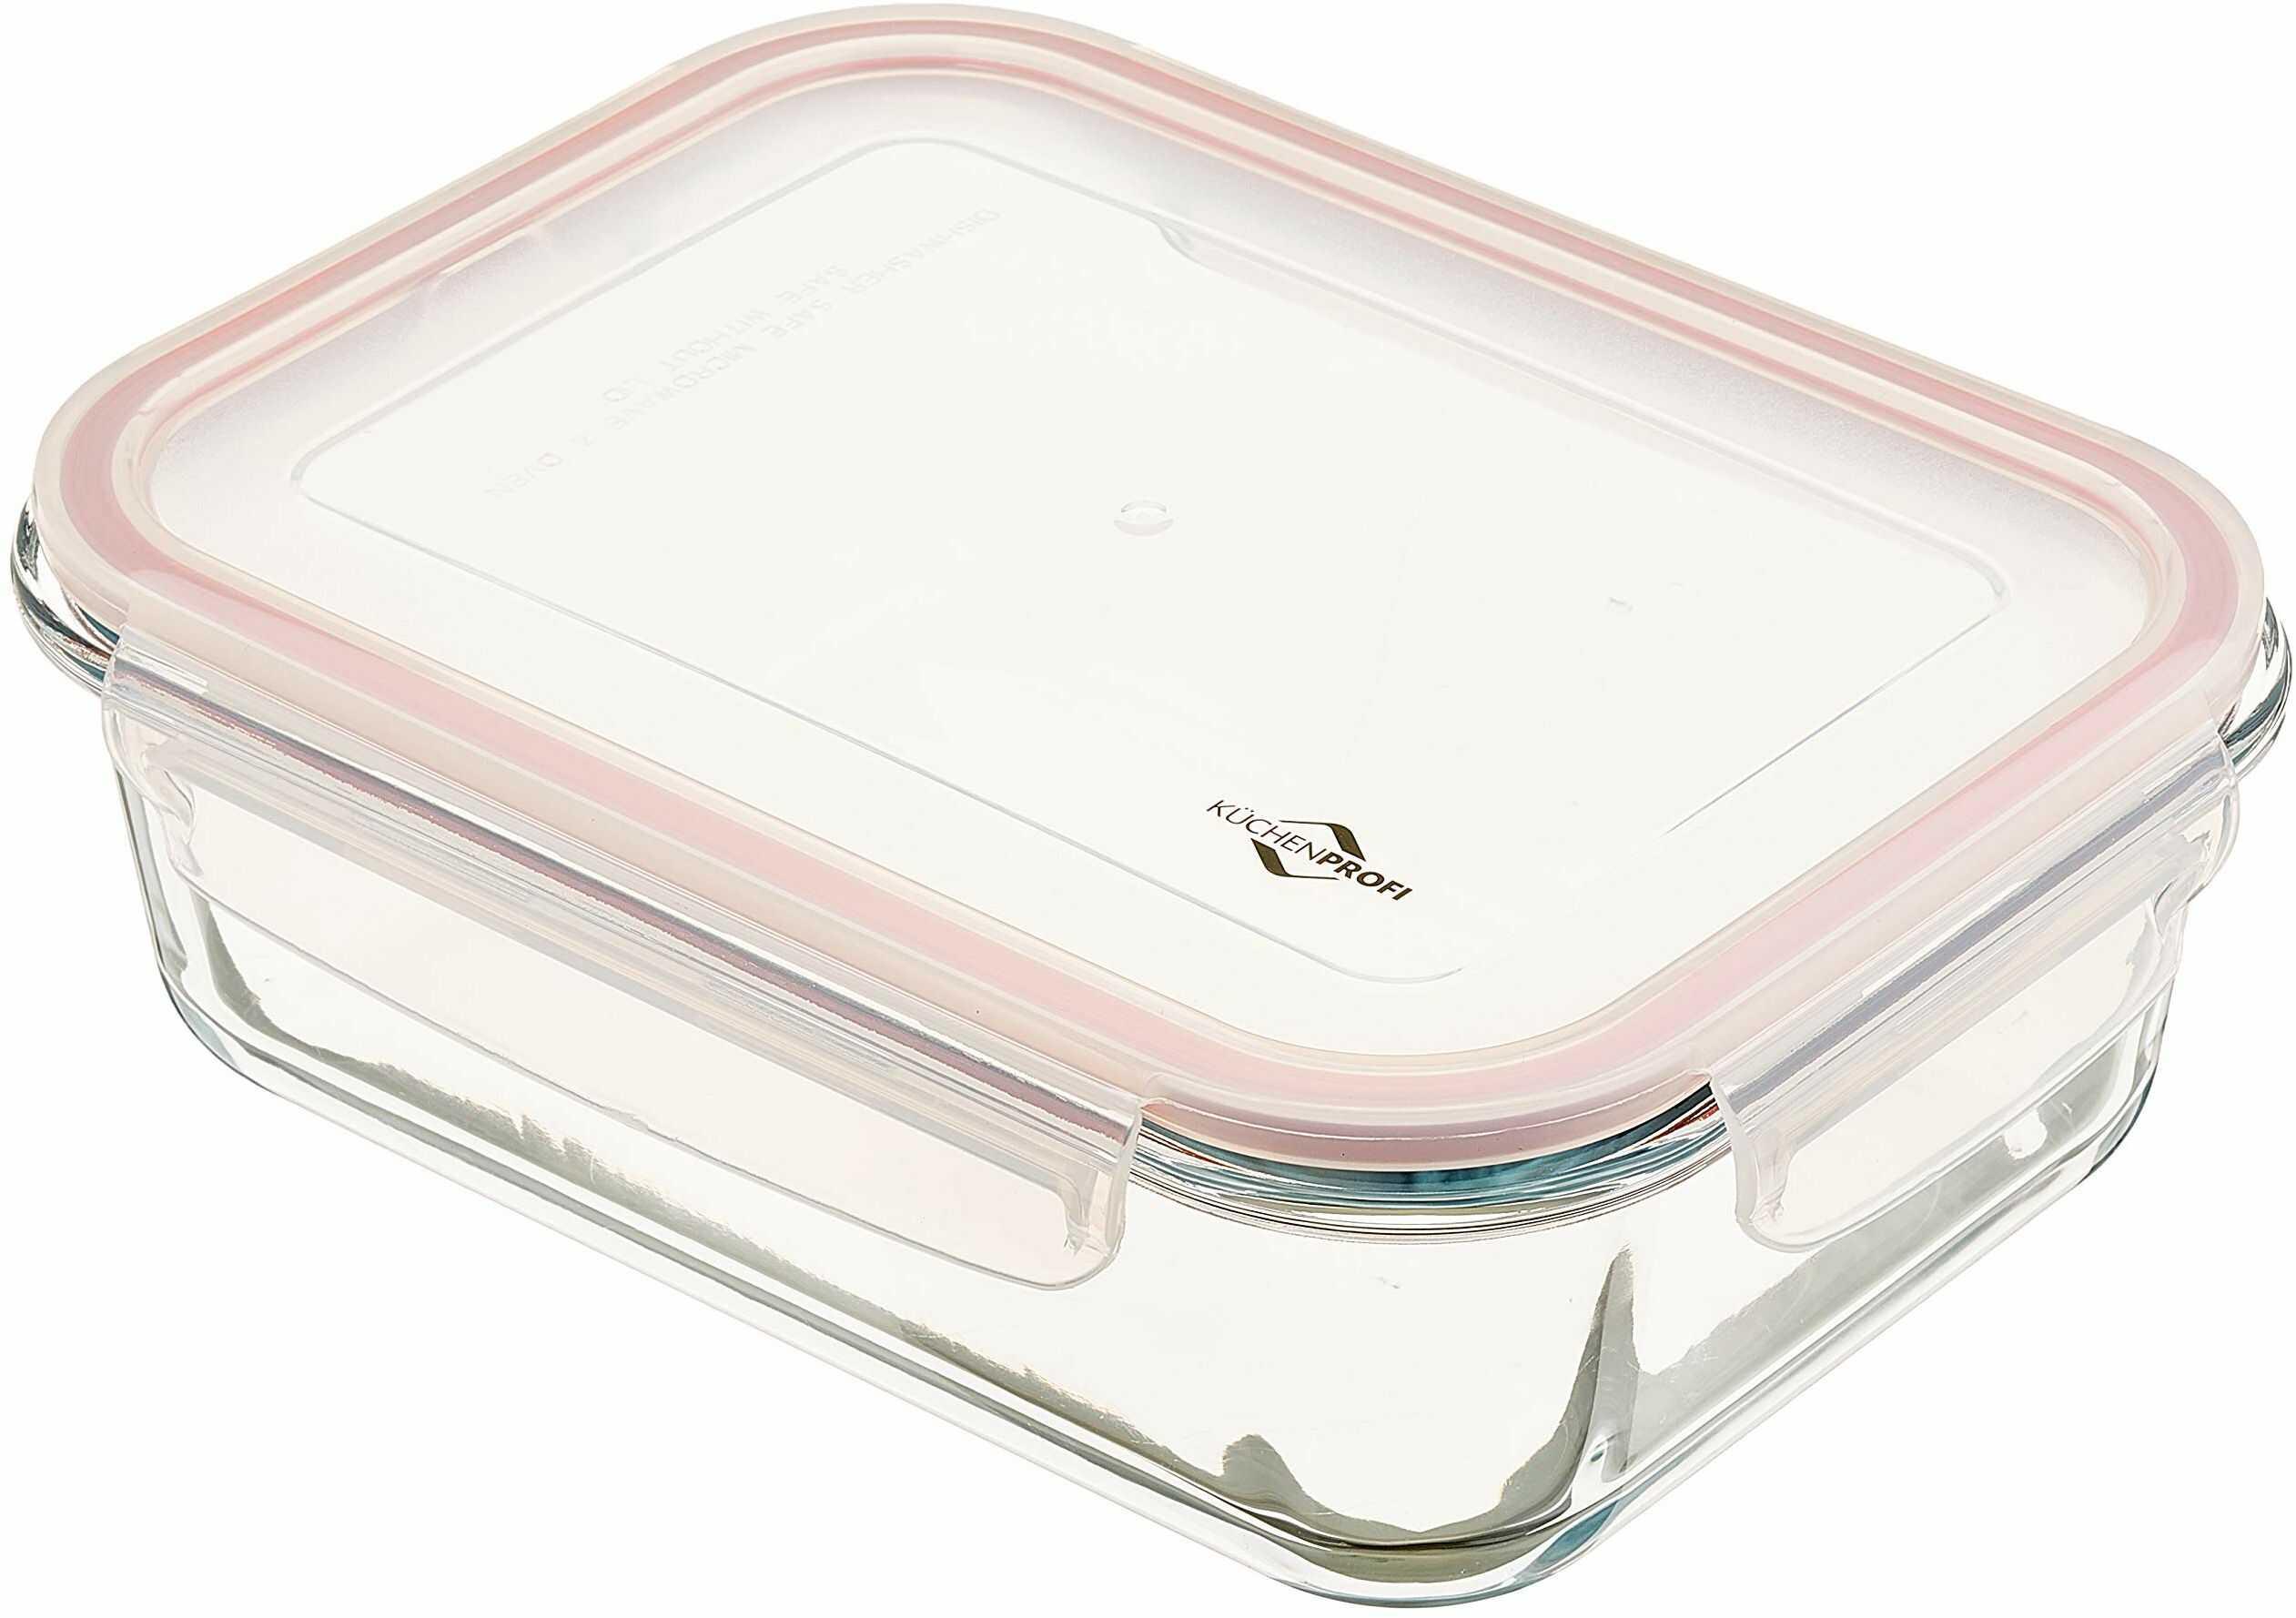 Küchenprofi Lunchbox-1001753520 pojemnik na lunch, szklany, przezroczysty, jeden rozmiar